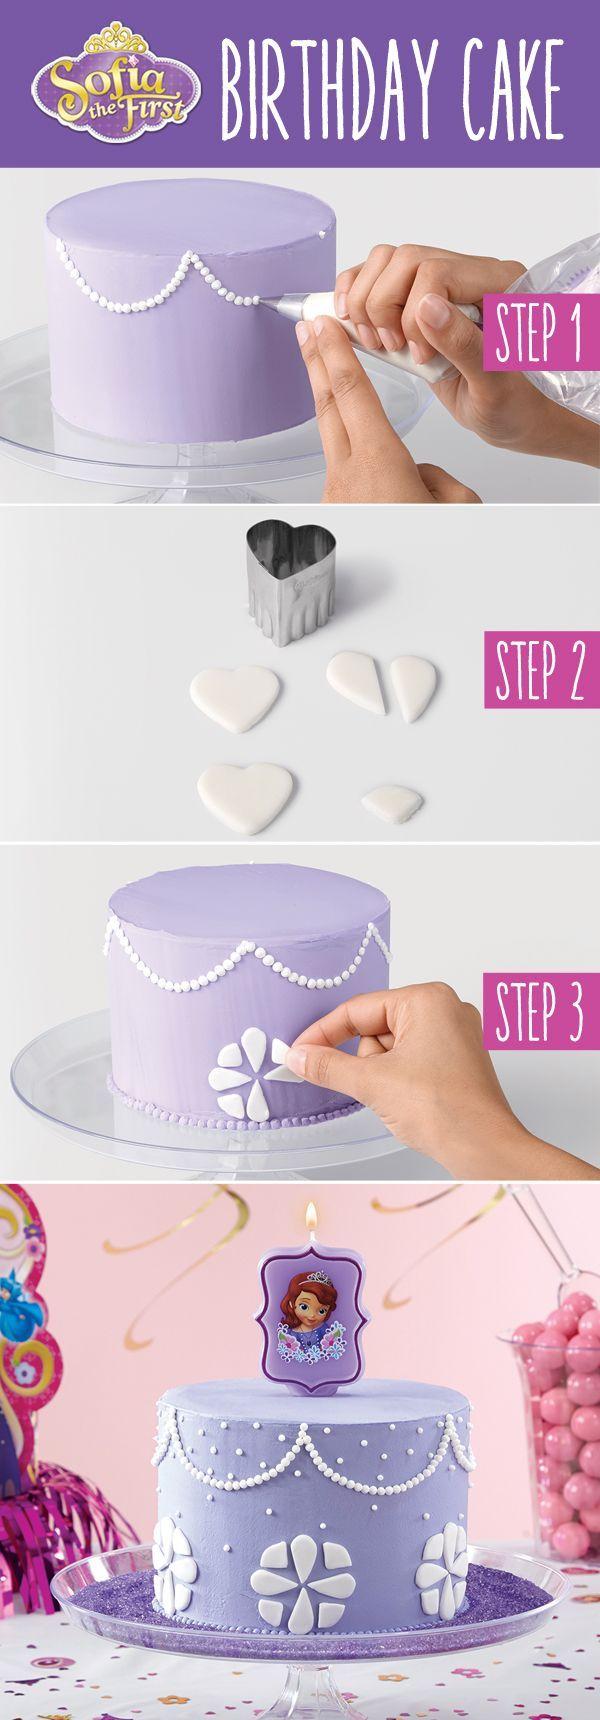 Decora un pastel o realiza cupcakes, si eres de las mamás que sabe hornear pasteles, pues ya la hiciste, aquí te enseño como hacer uno lindo